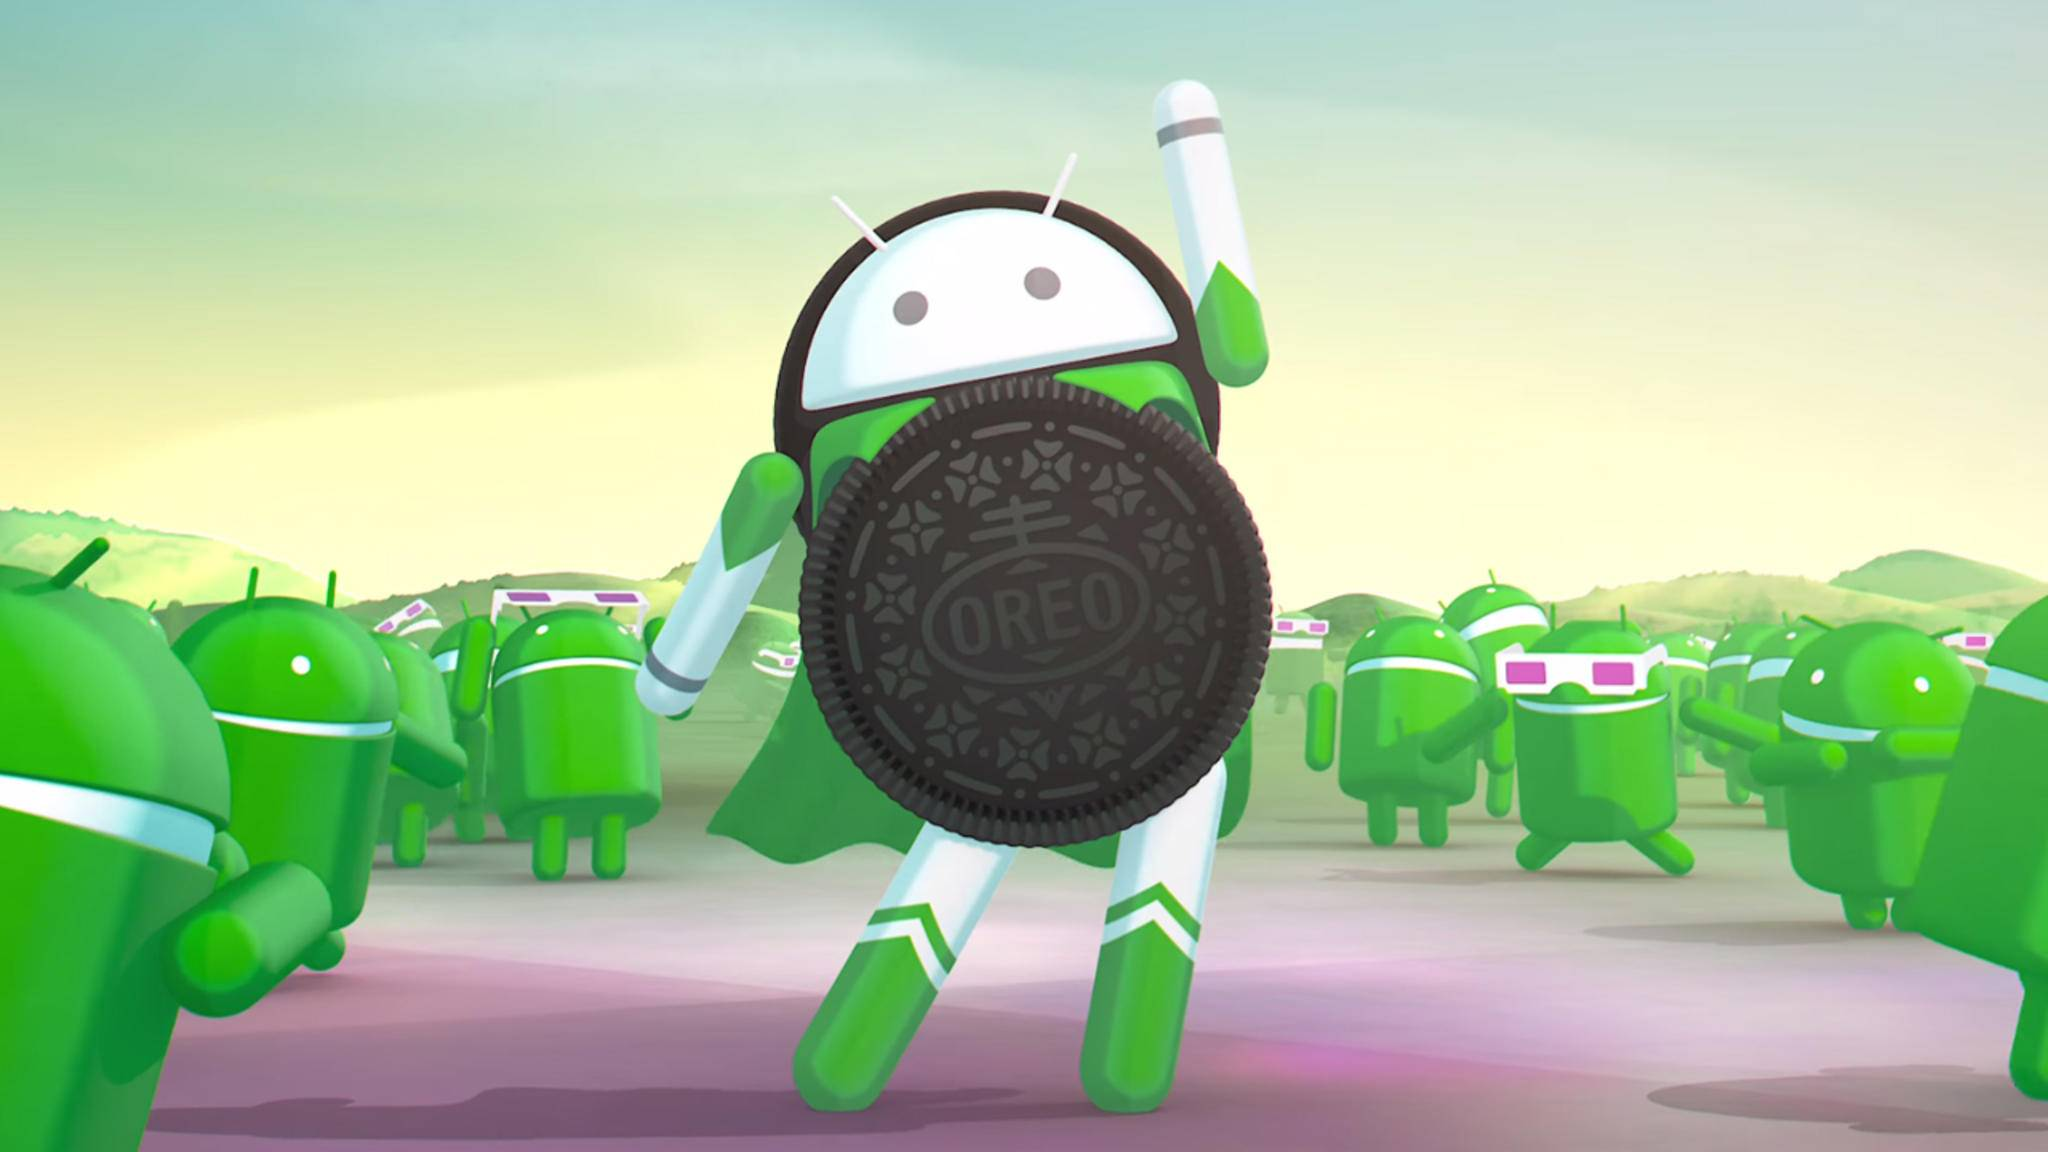 Keine Überraschung: Das O in Android 8.0 steht für Oreo.